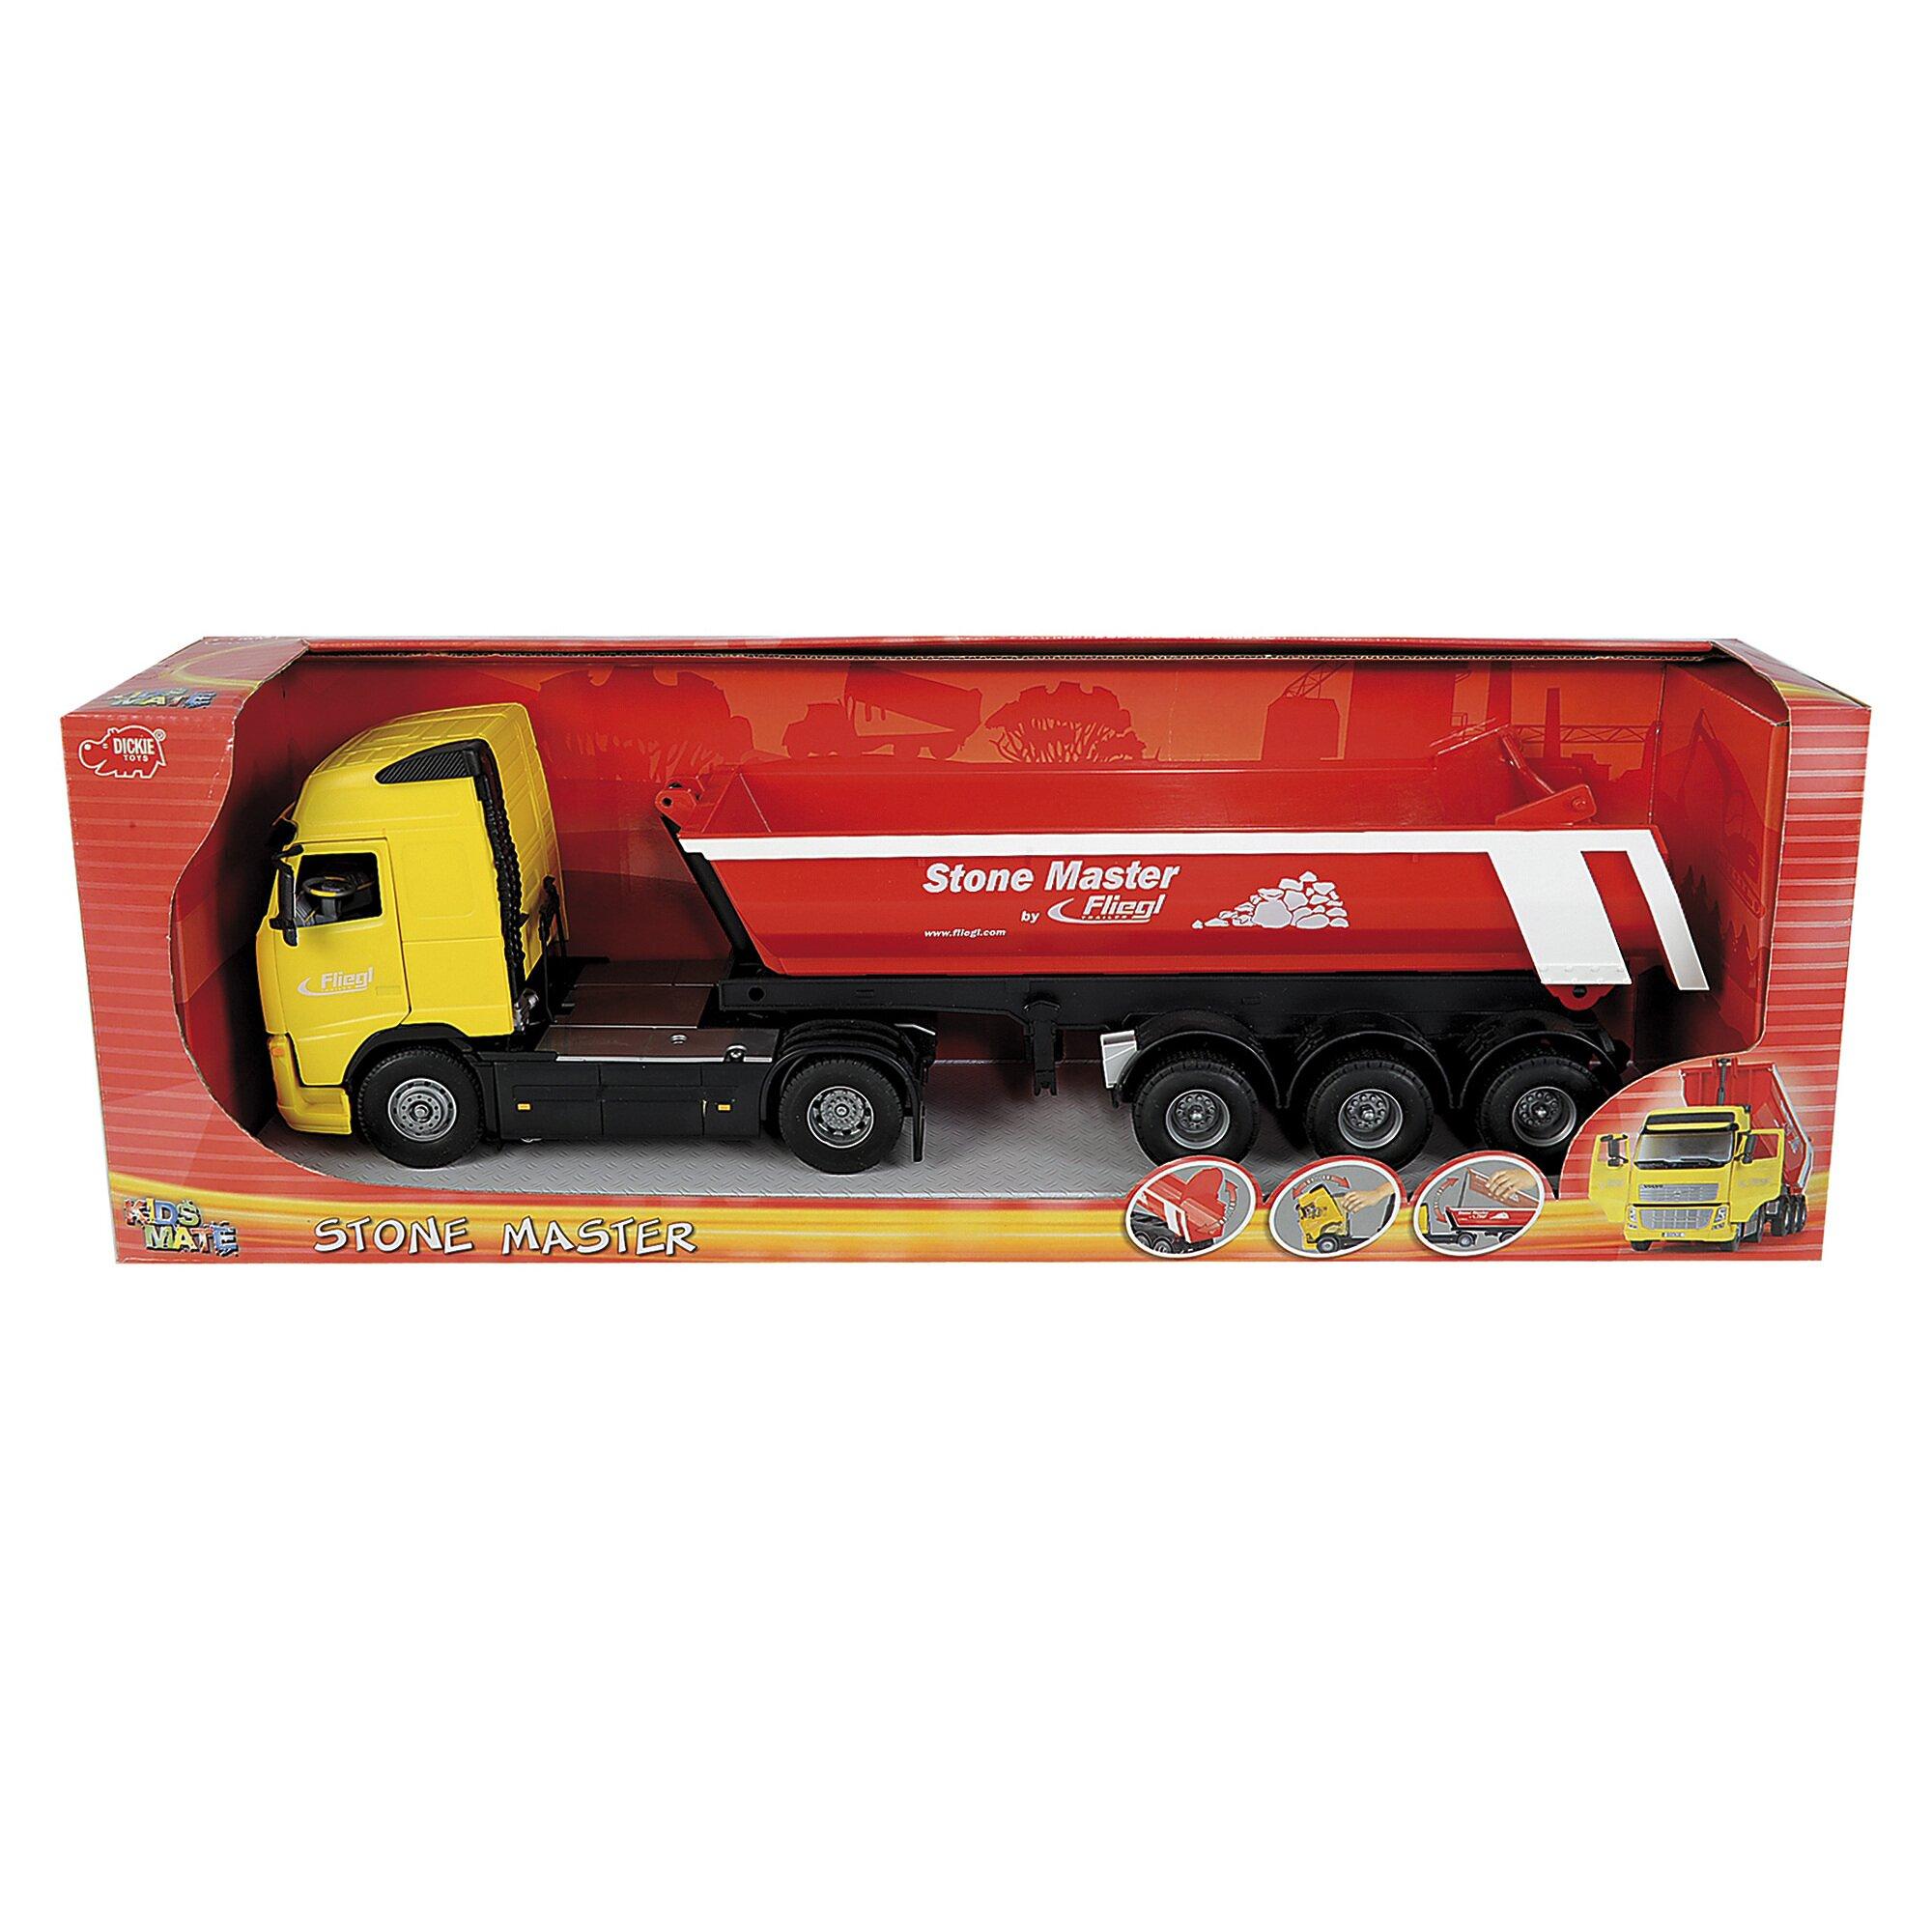 Promotion camion benne chez baby walz - Code promo baby walz frais de port gratuit ...